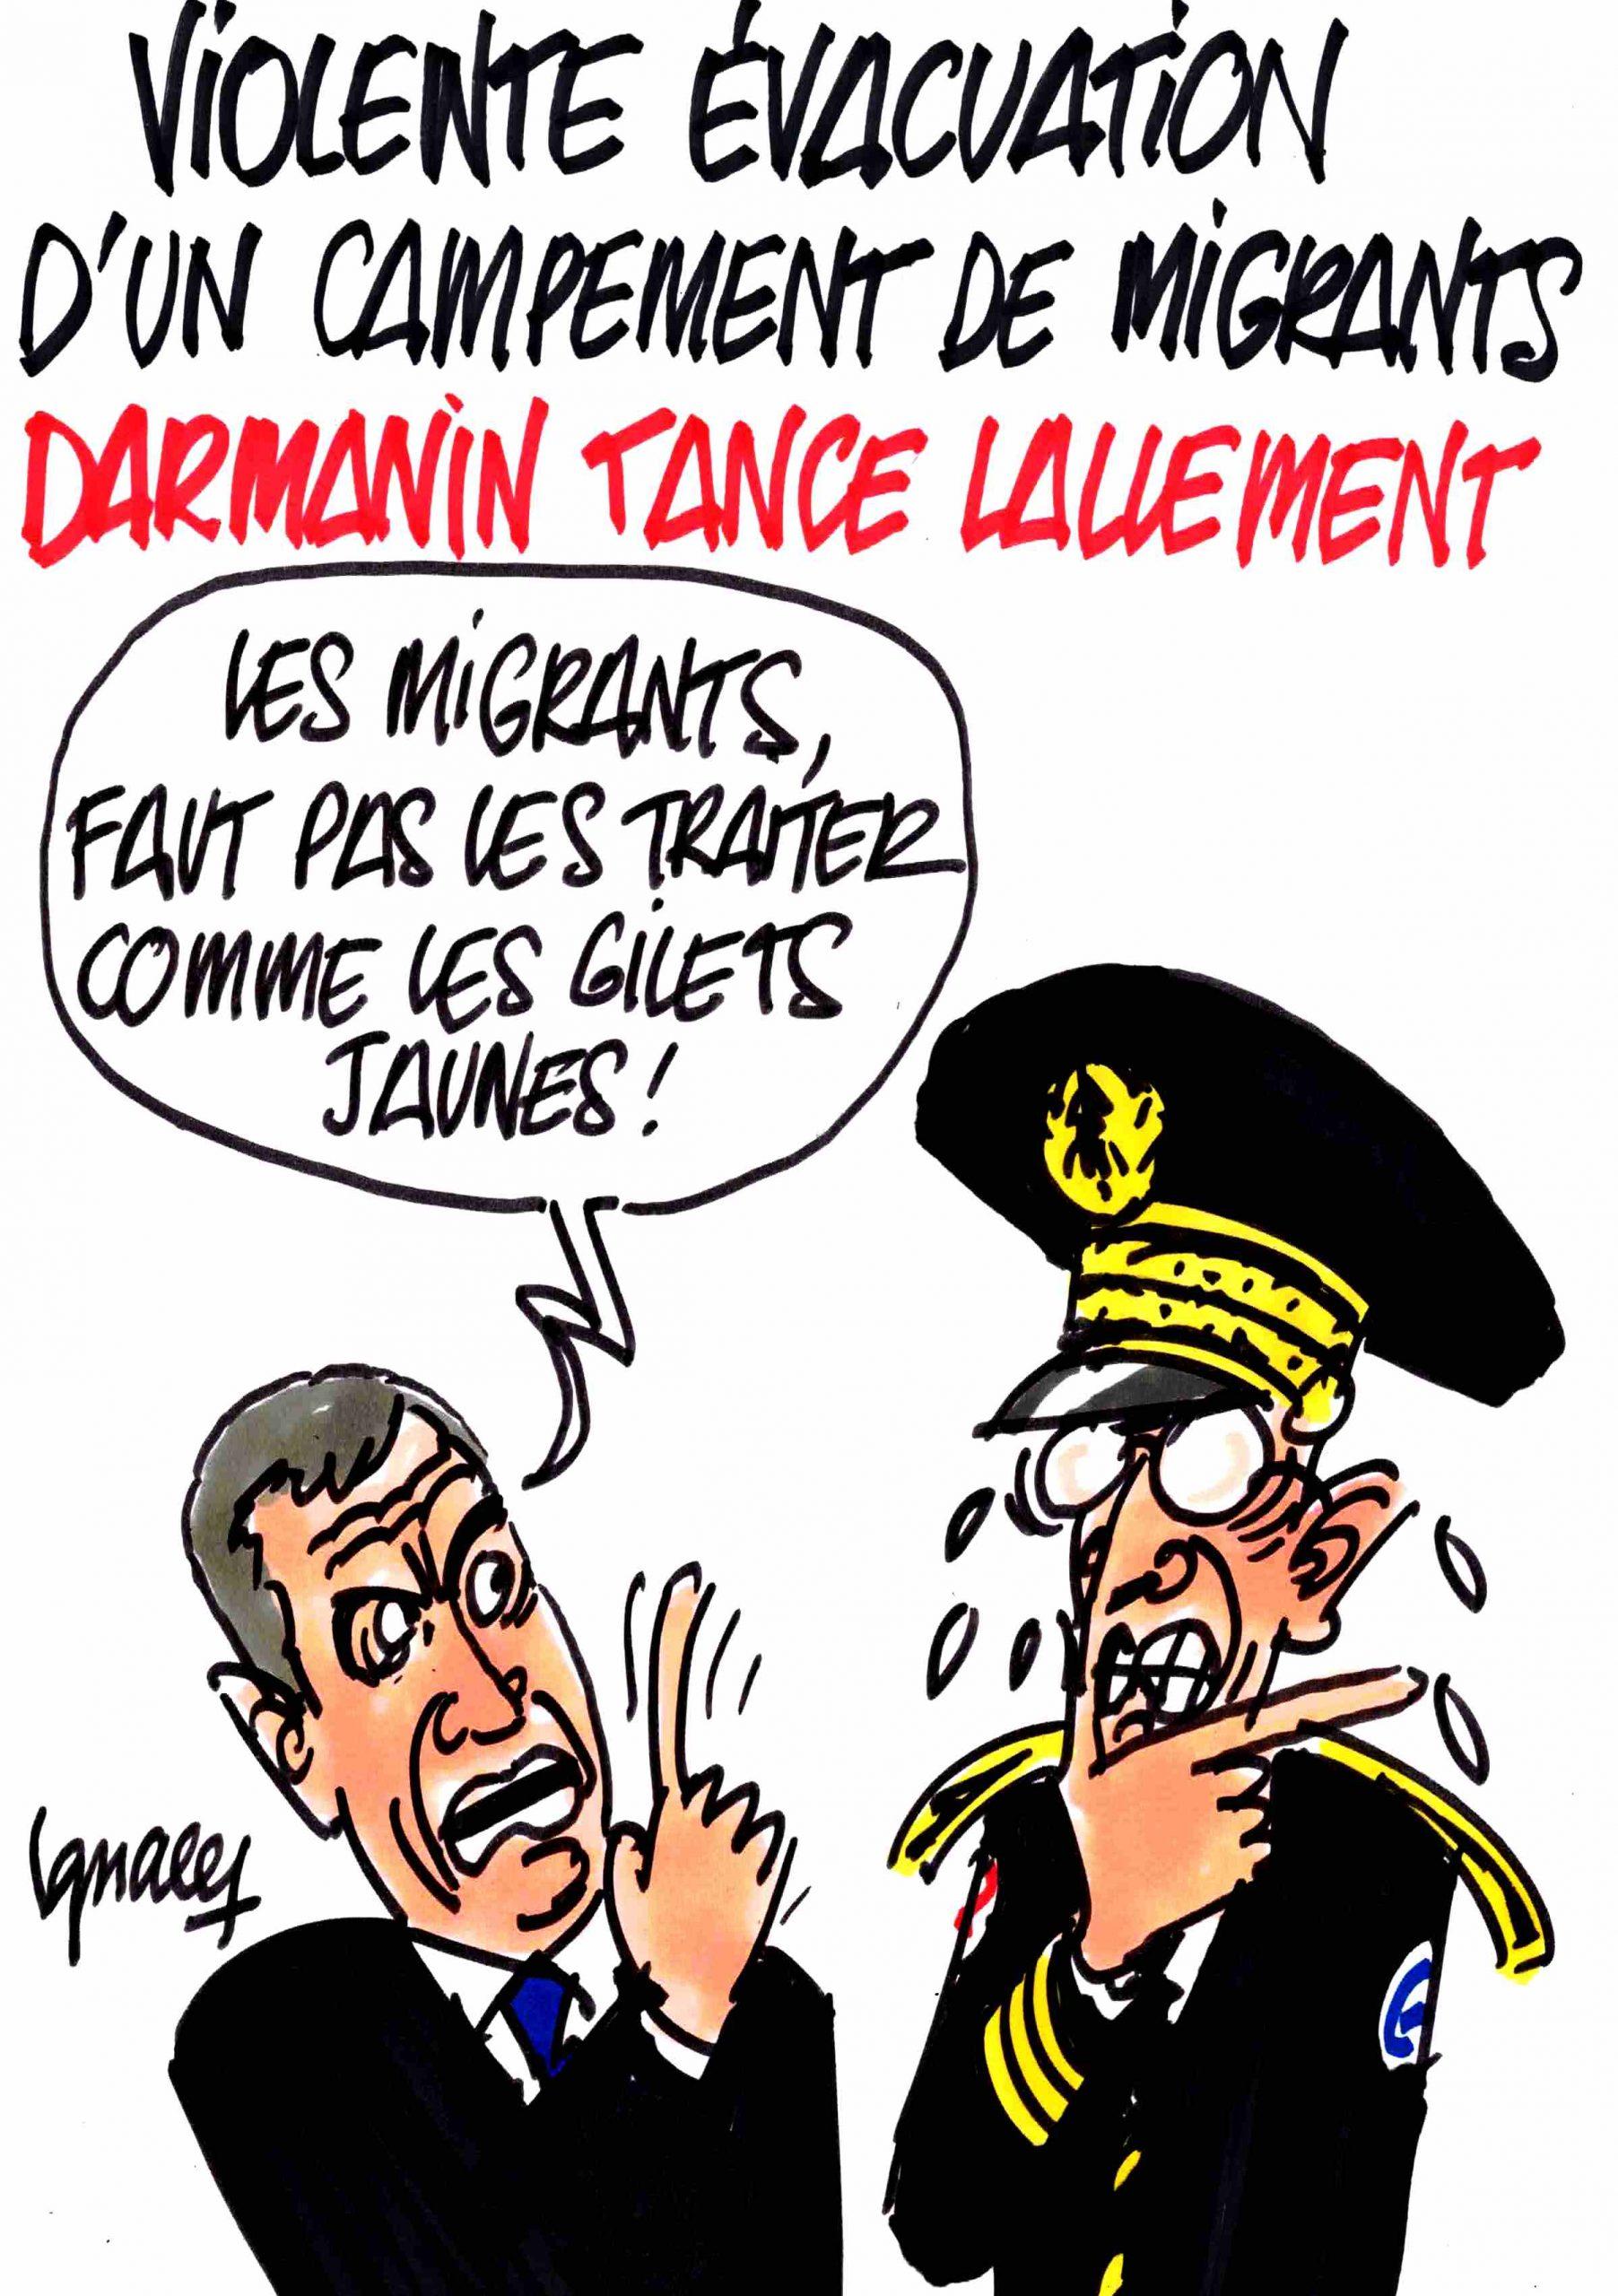 Ignace - Darmanin tance le préfet Lallement